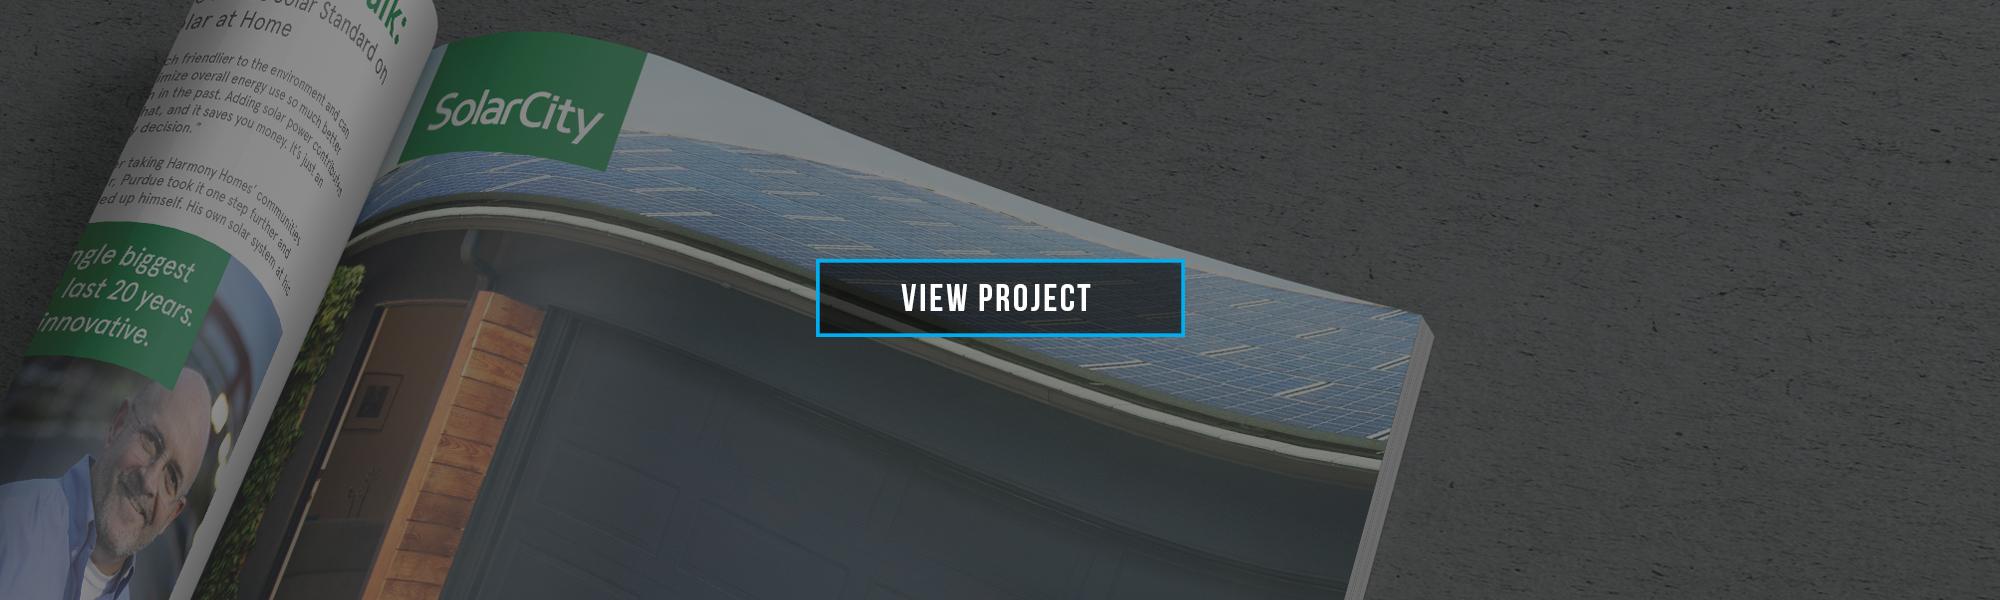 slider-5-solarcity.jpg